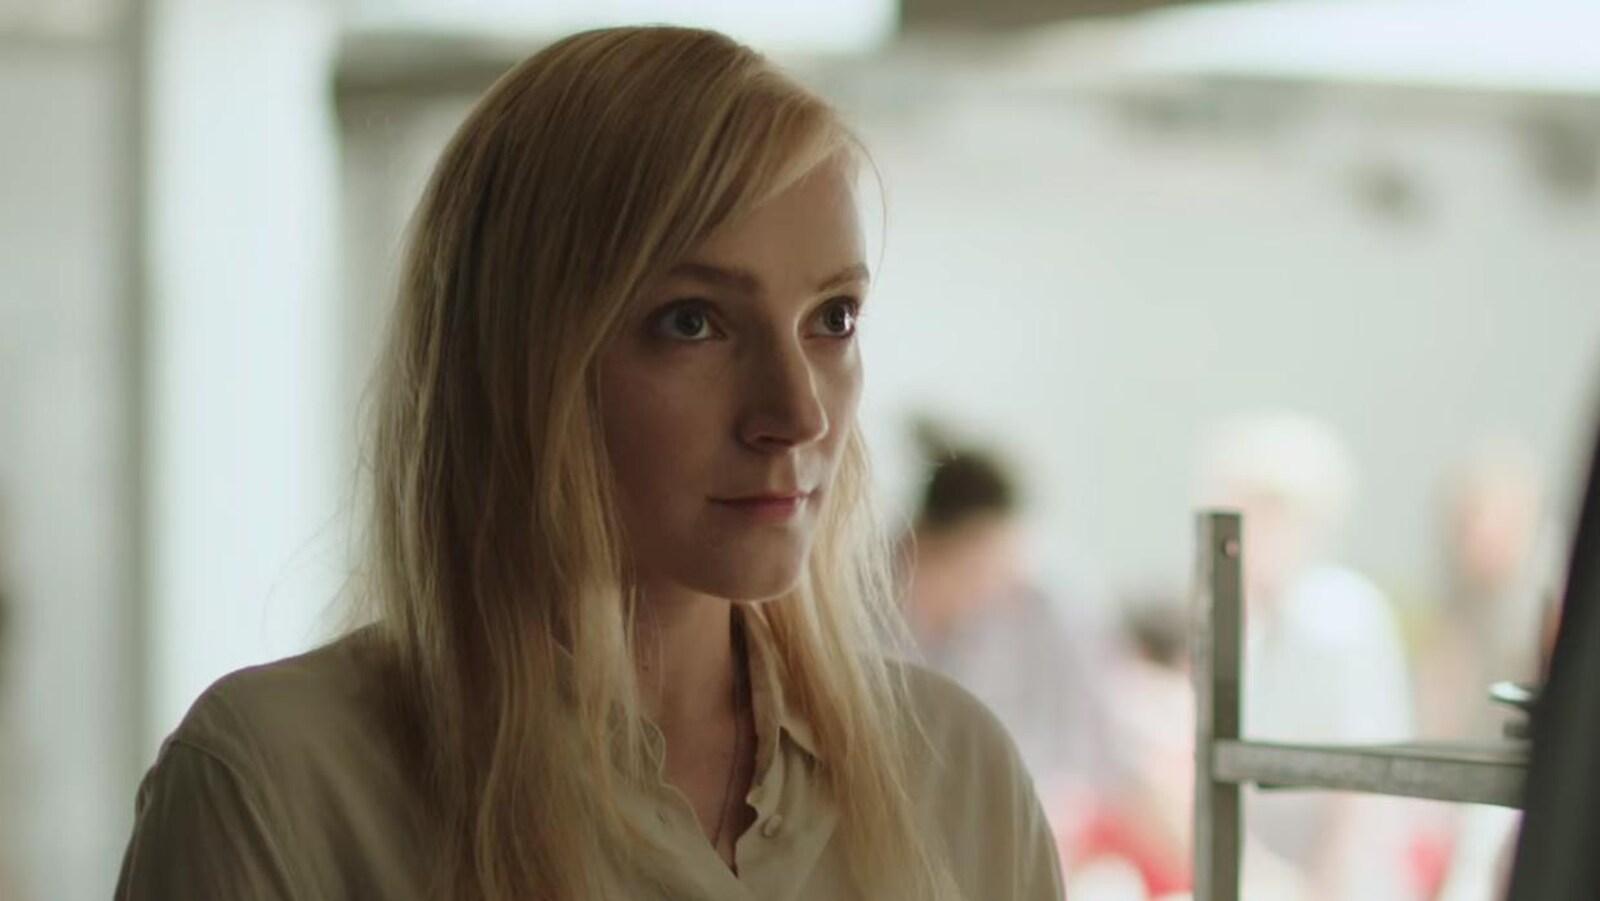 Une femme regarde un homme dans une scène du film Corps et âme